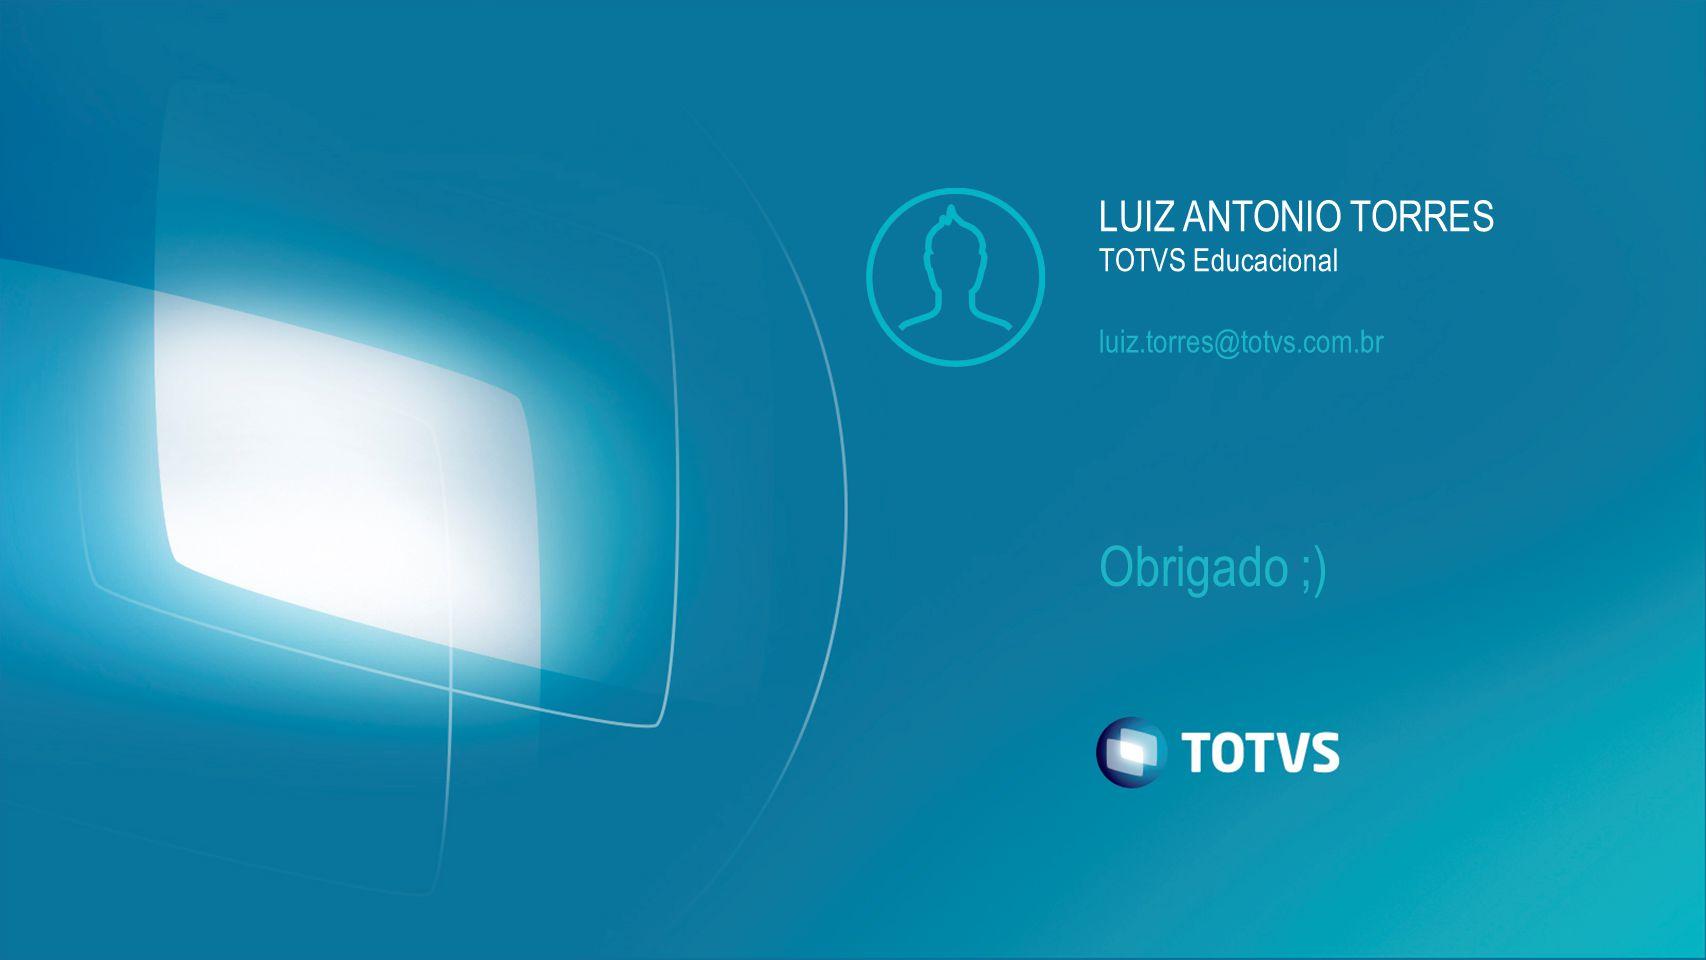 Obrigado ;) LUIZ ANTONIO TORRES TOTVS Educacional luiz.torres@totvs.com.br